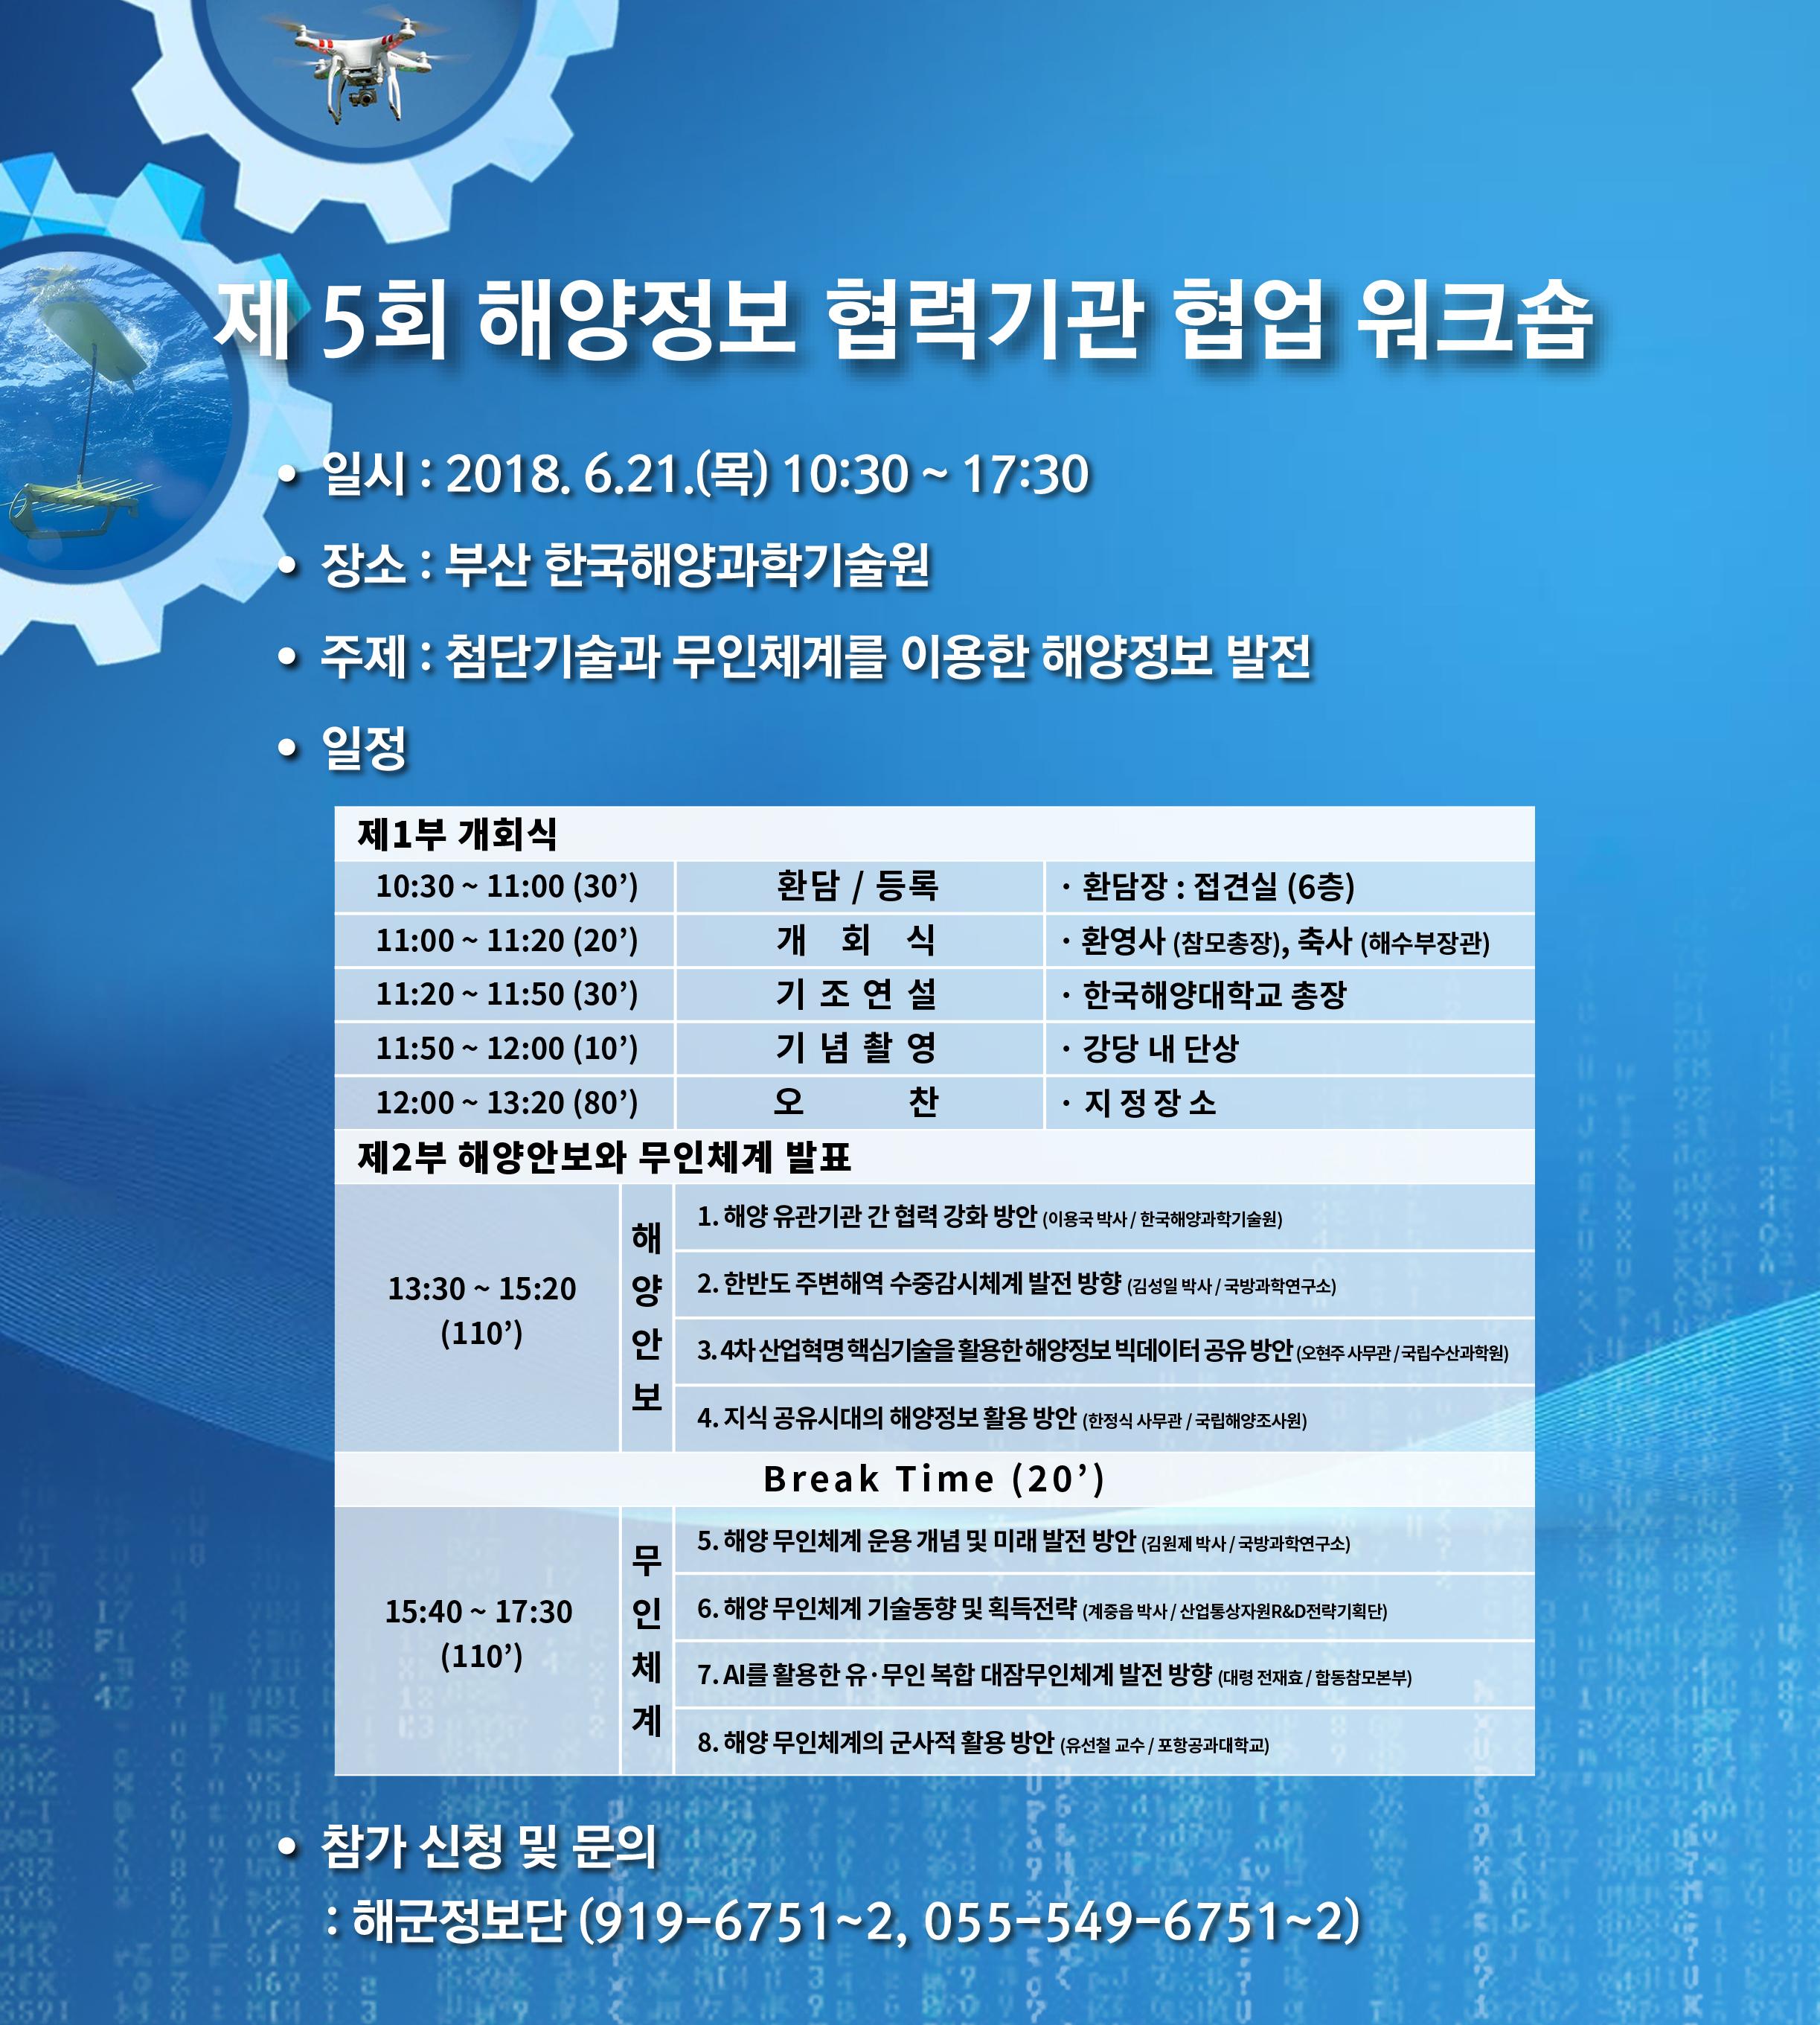 제 5회 해양정보 협력기관 협업 워크숍